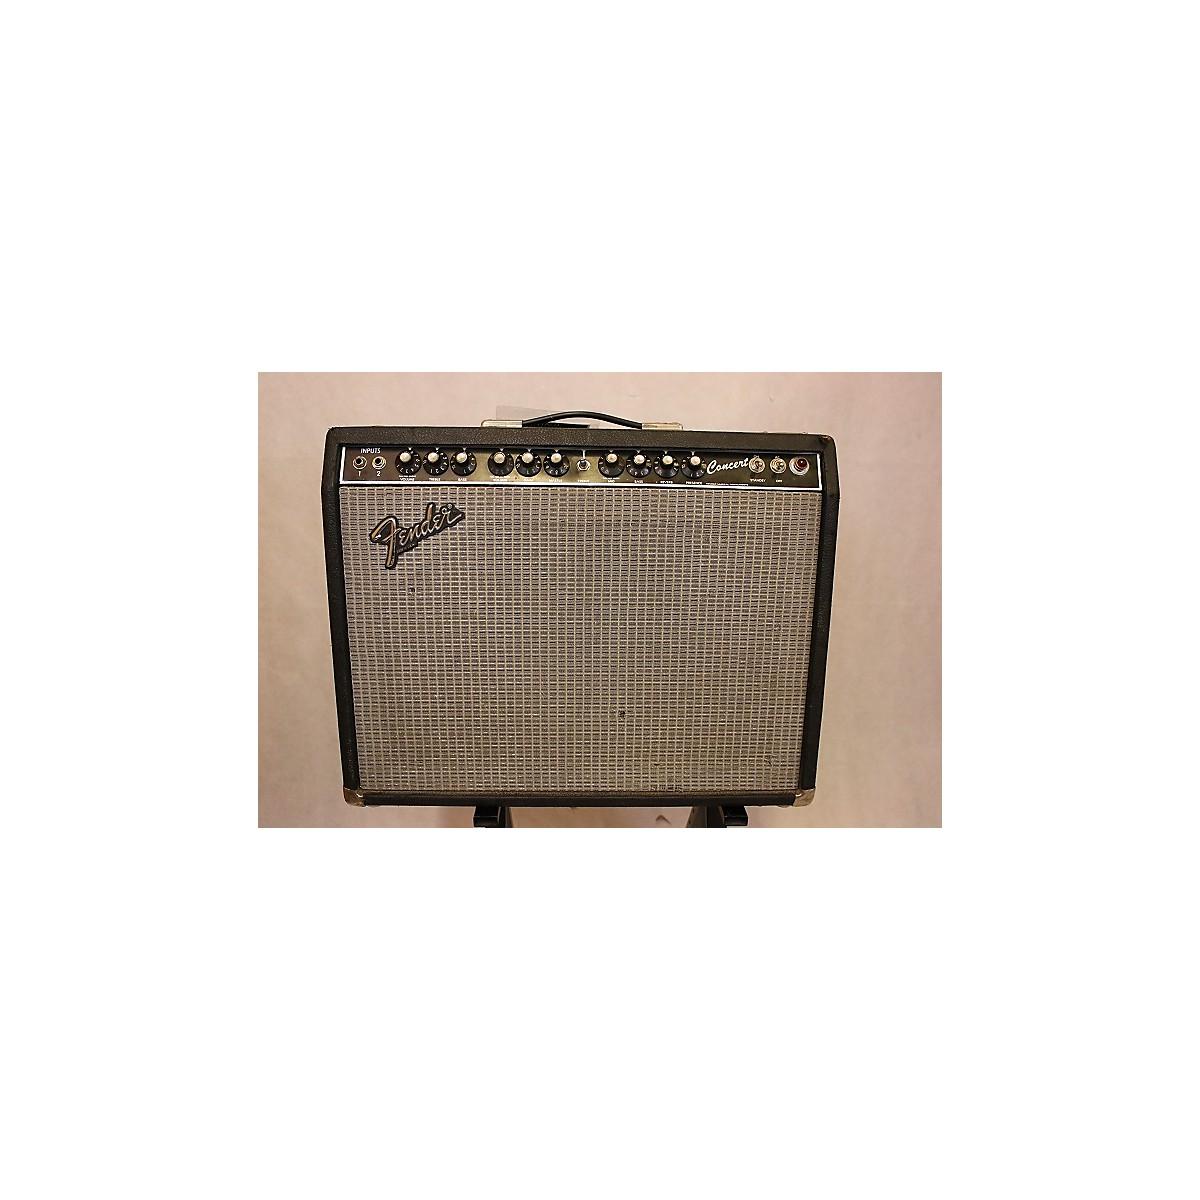 Fender 1984 Concert Amp Tube Guitar Combo Amp